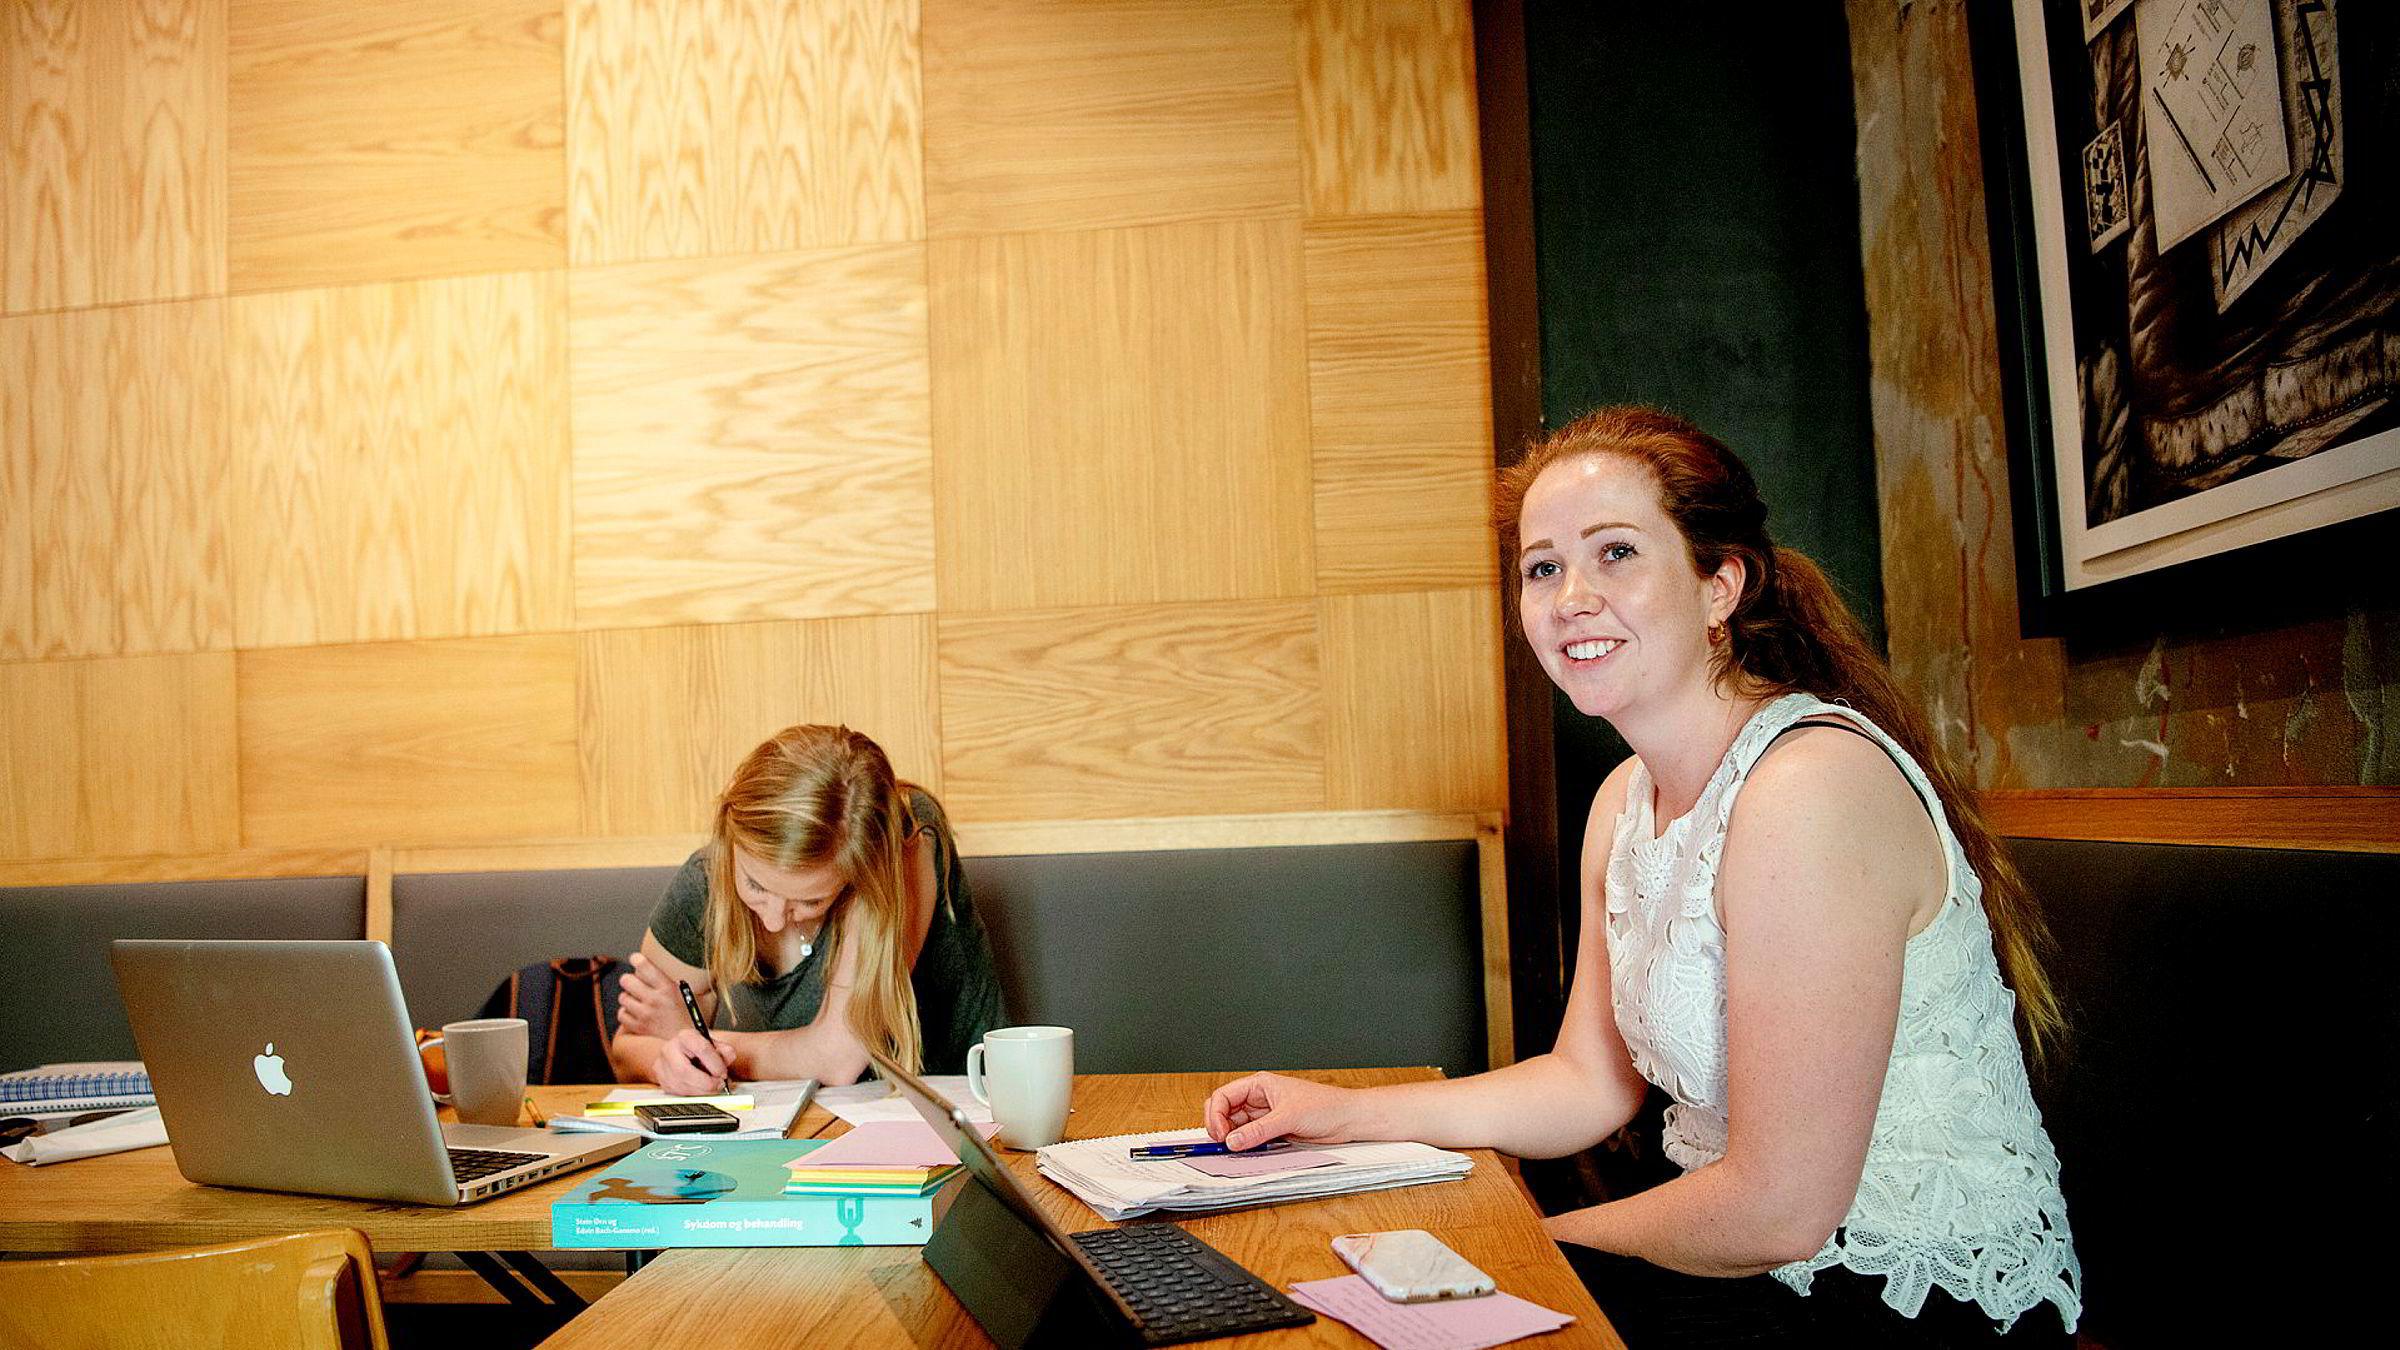 Marthe Eldegard (til høyre) og venninnen Karoline Ellefsæter leser til eksamen. Eldegard bruker selv flere tjenester som behandler hennes personlige opplysninger, blant annet nettbutikker, sosiale medier og apper.